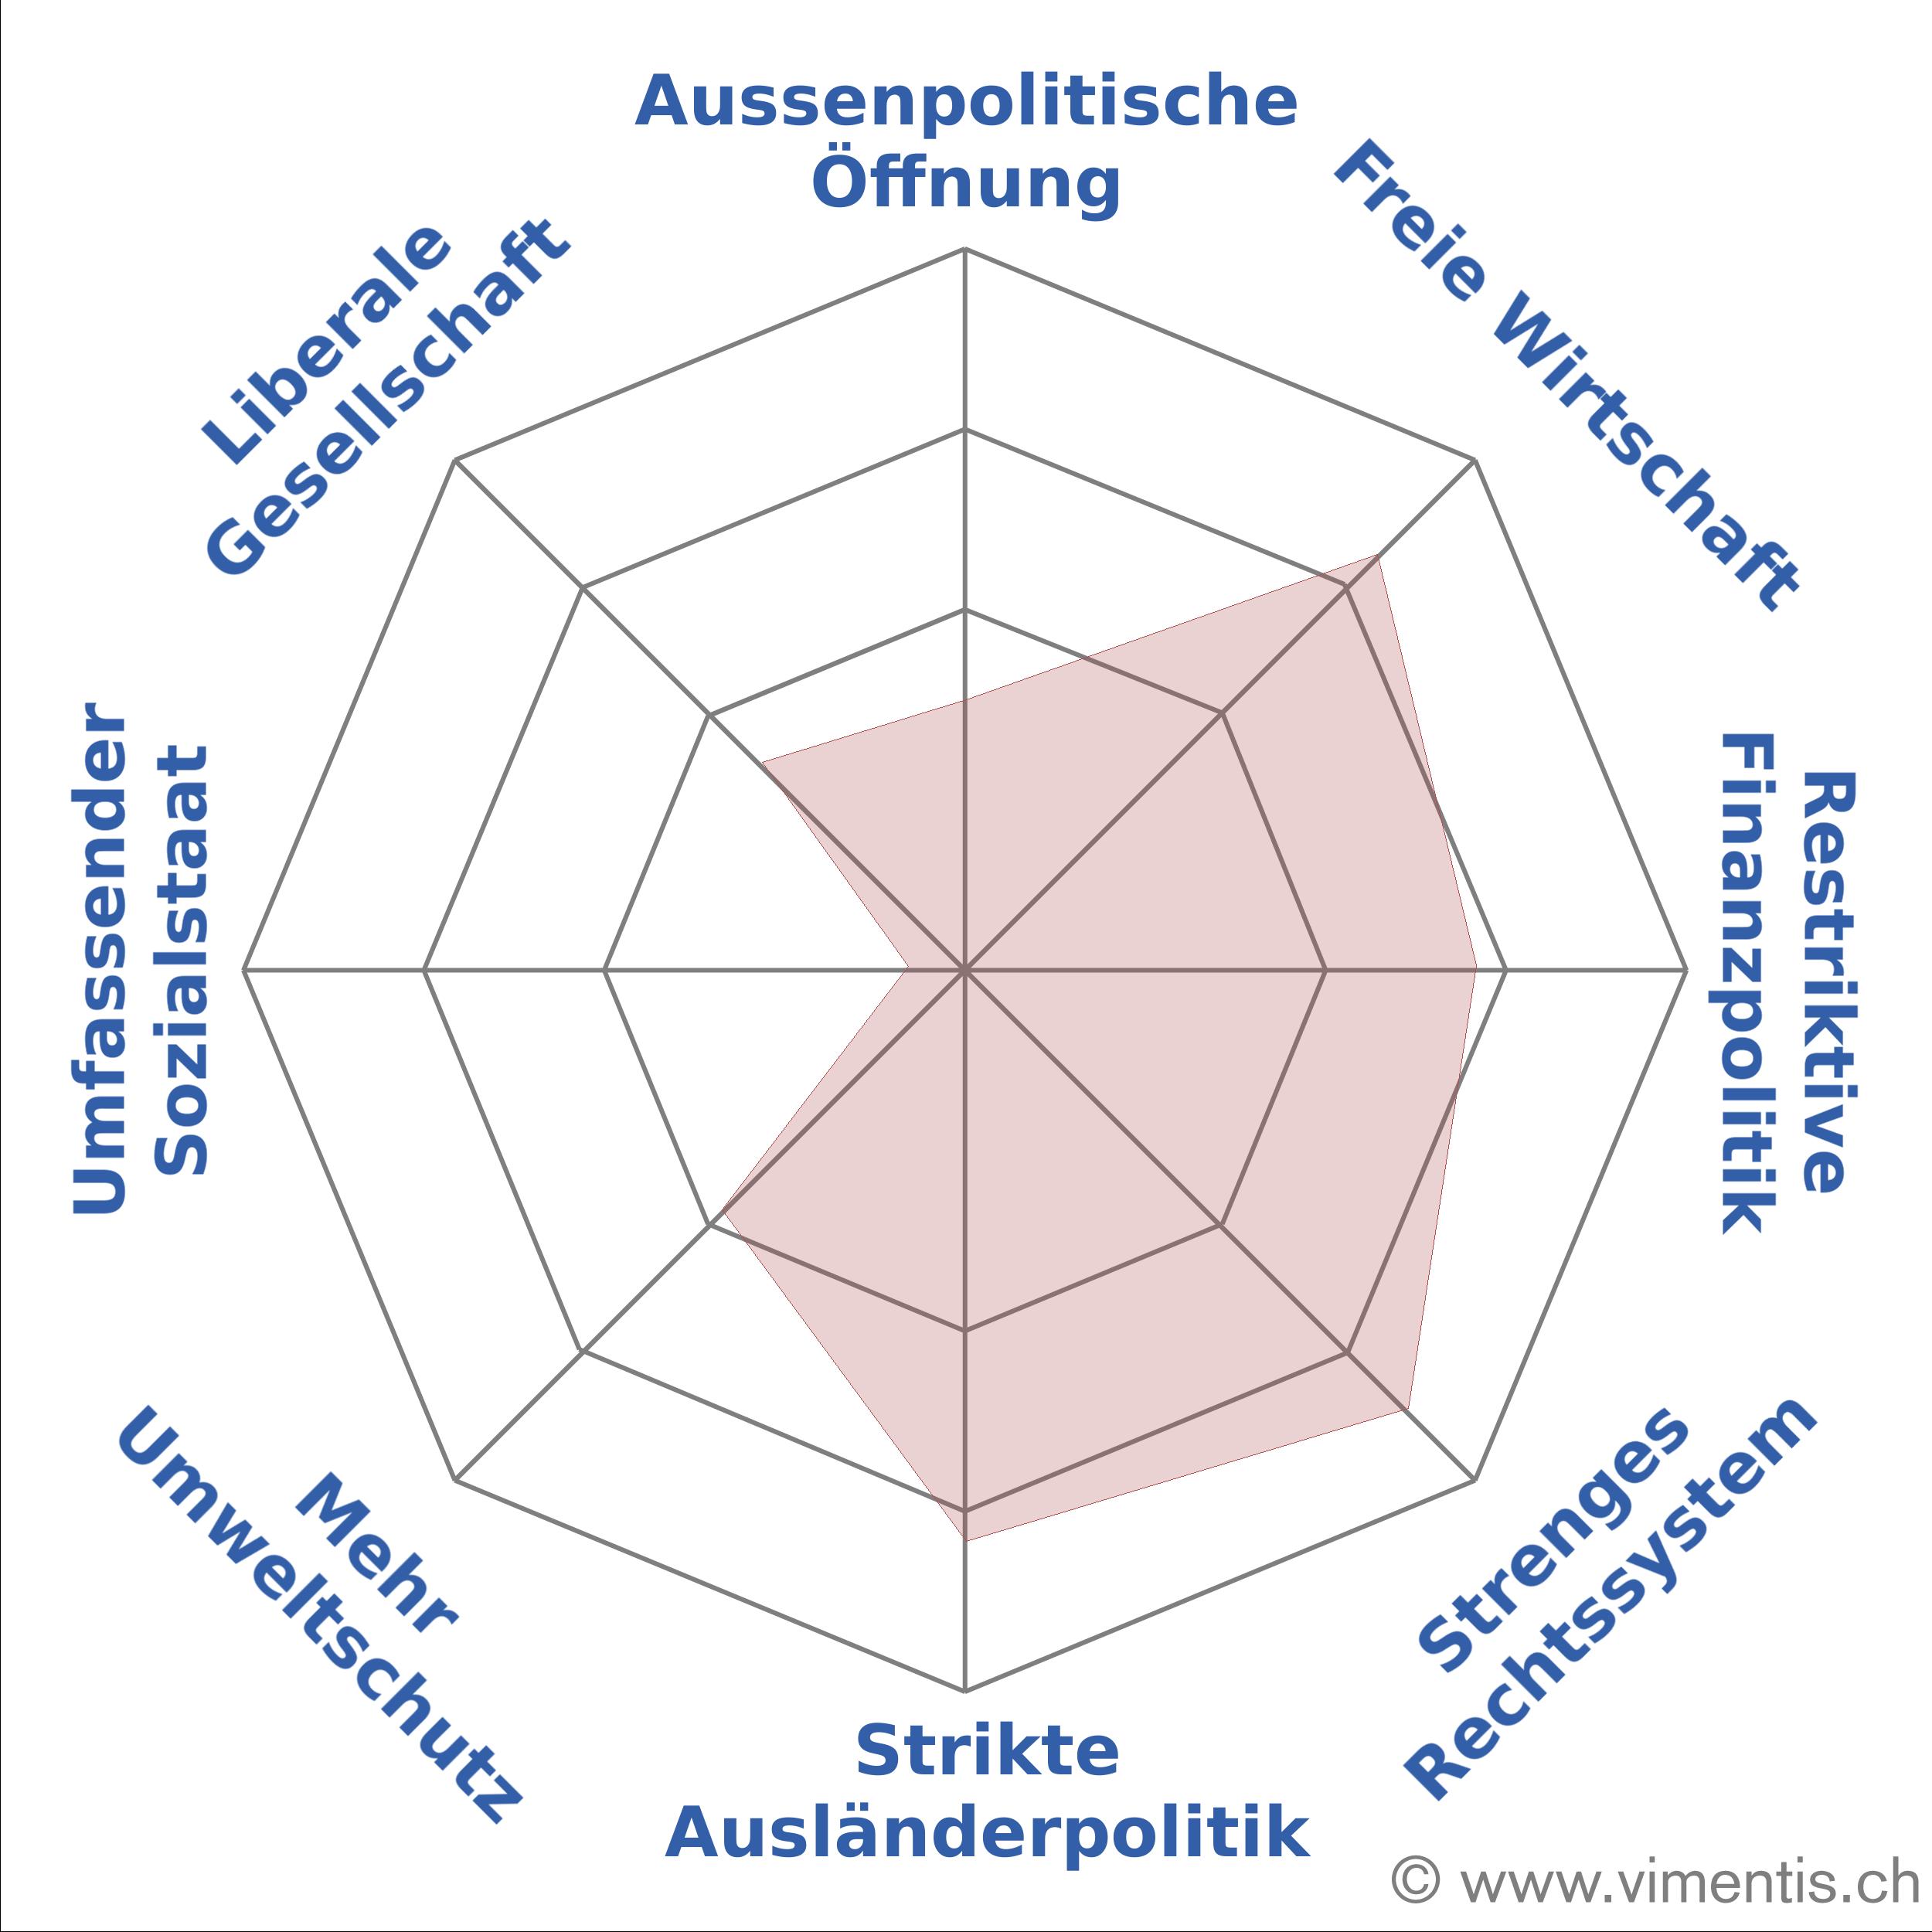 Ist für eine liberale Wirtschaftspolitik, aber gegen eine liberale Gesellschaft: Das Vimentis-Spider von Joachim Eder.